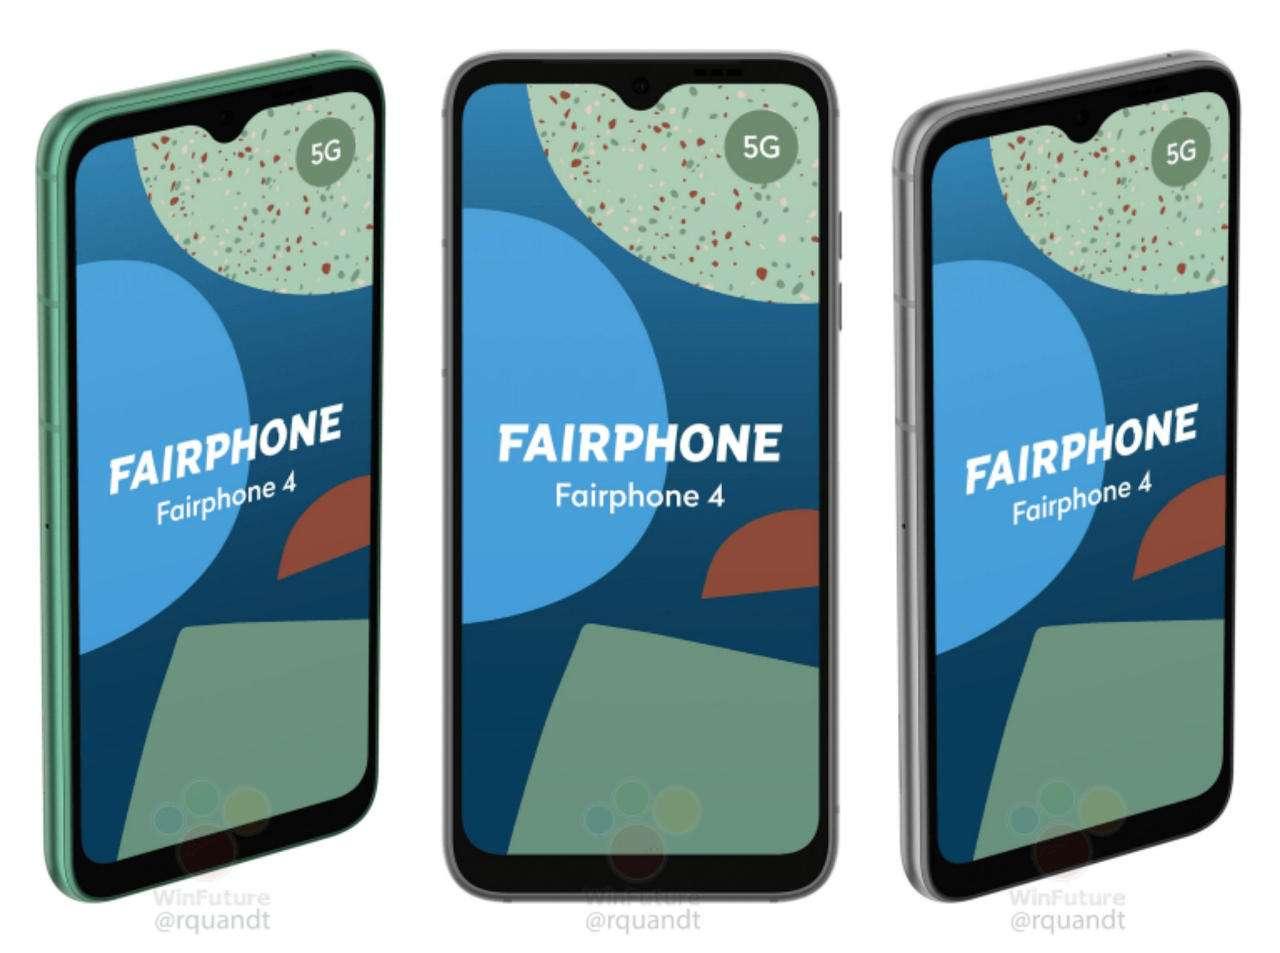 fairphone-4-2.jpg